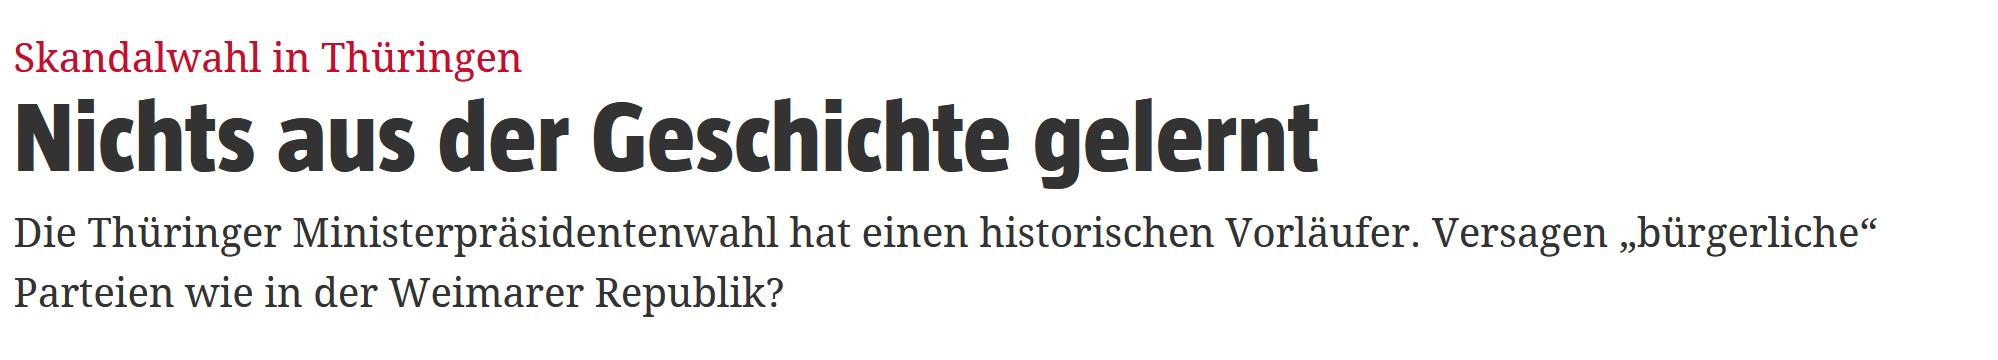 """""""Skandalwahl in Thüringen: Nichts aus der Geschichte gelernt"""""""